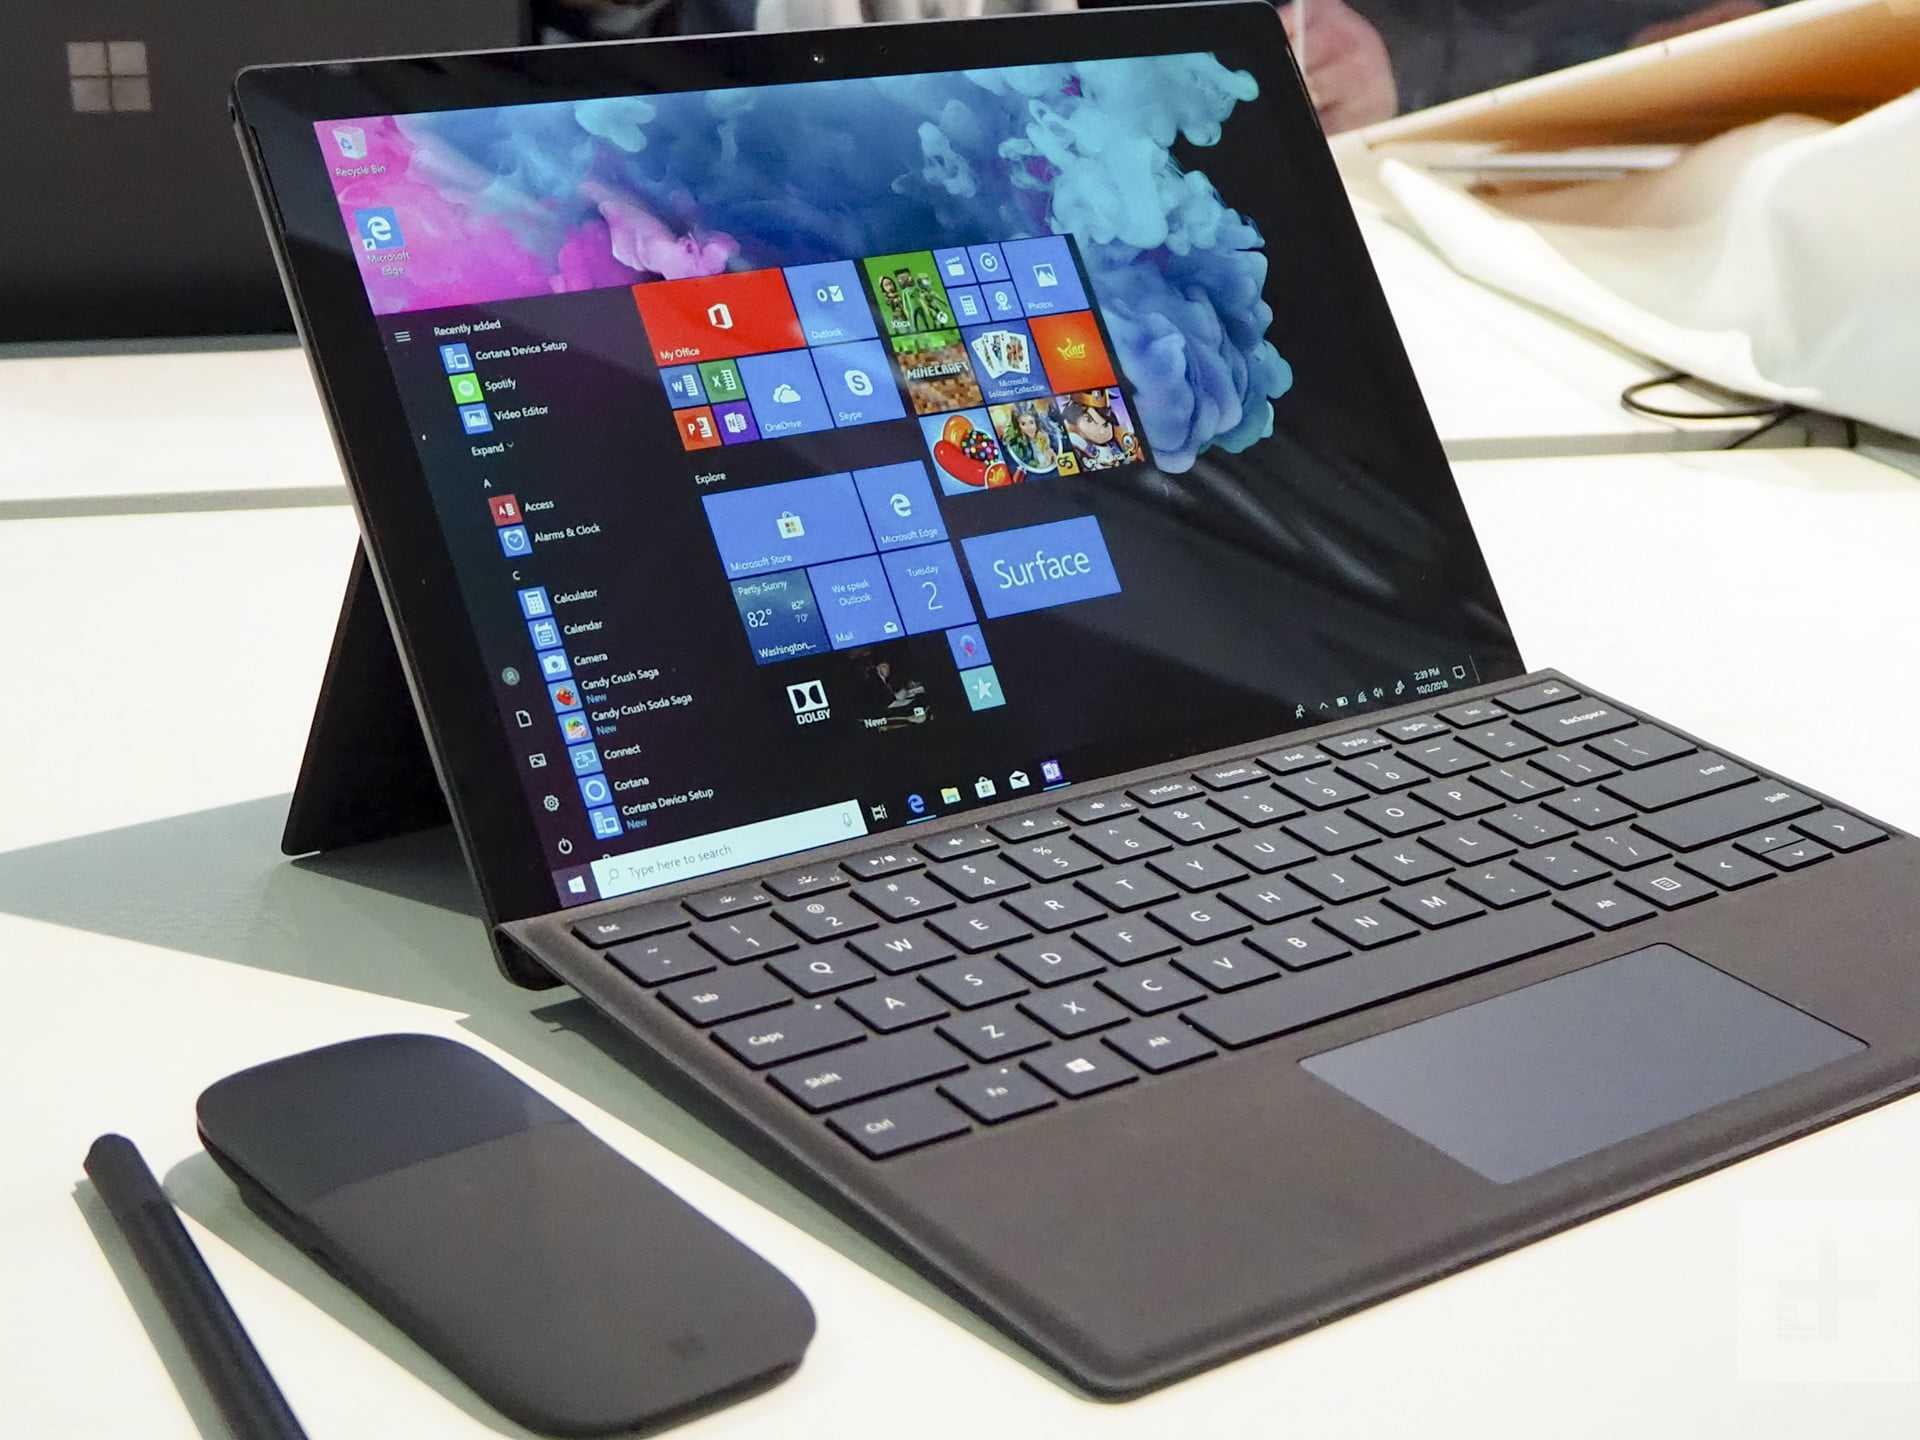 Surface Pro 8 abandonnerait les versions avec Intel Core i3 et 4 Go de RAM